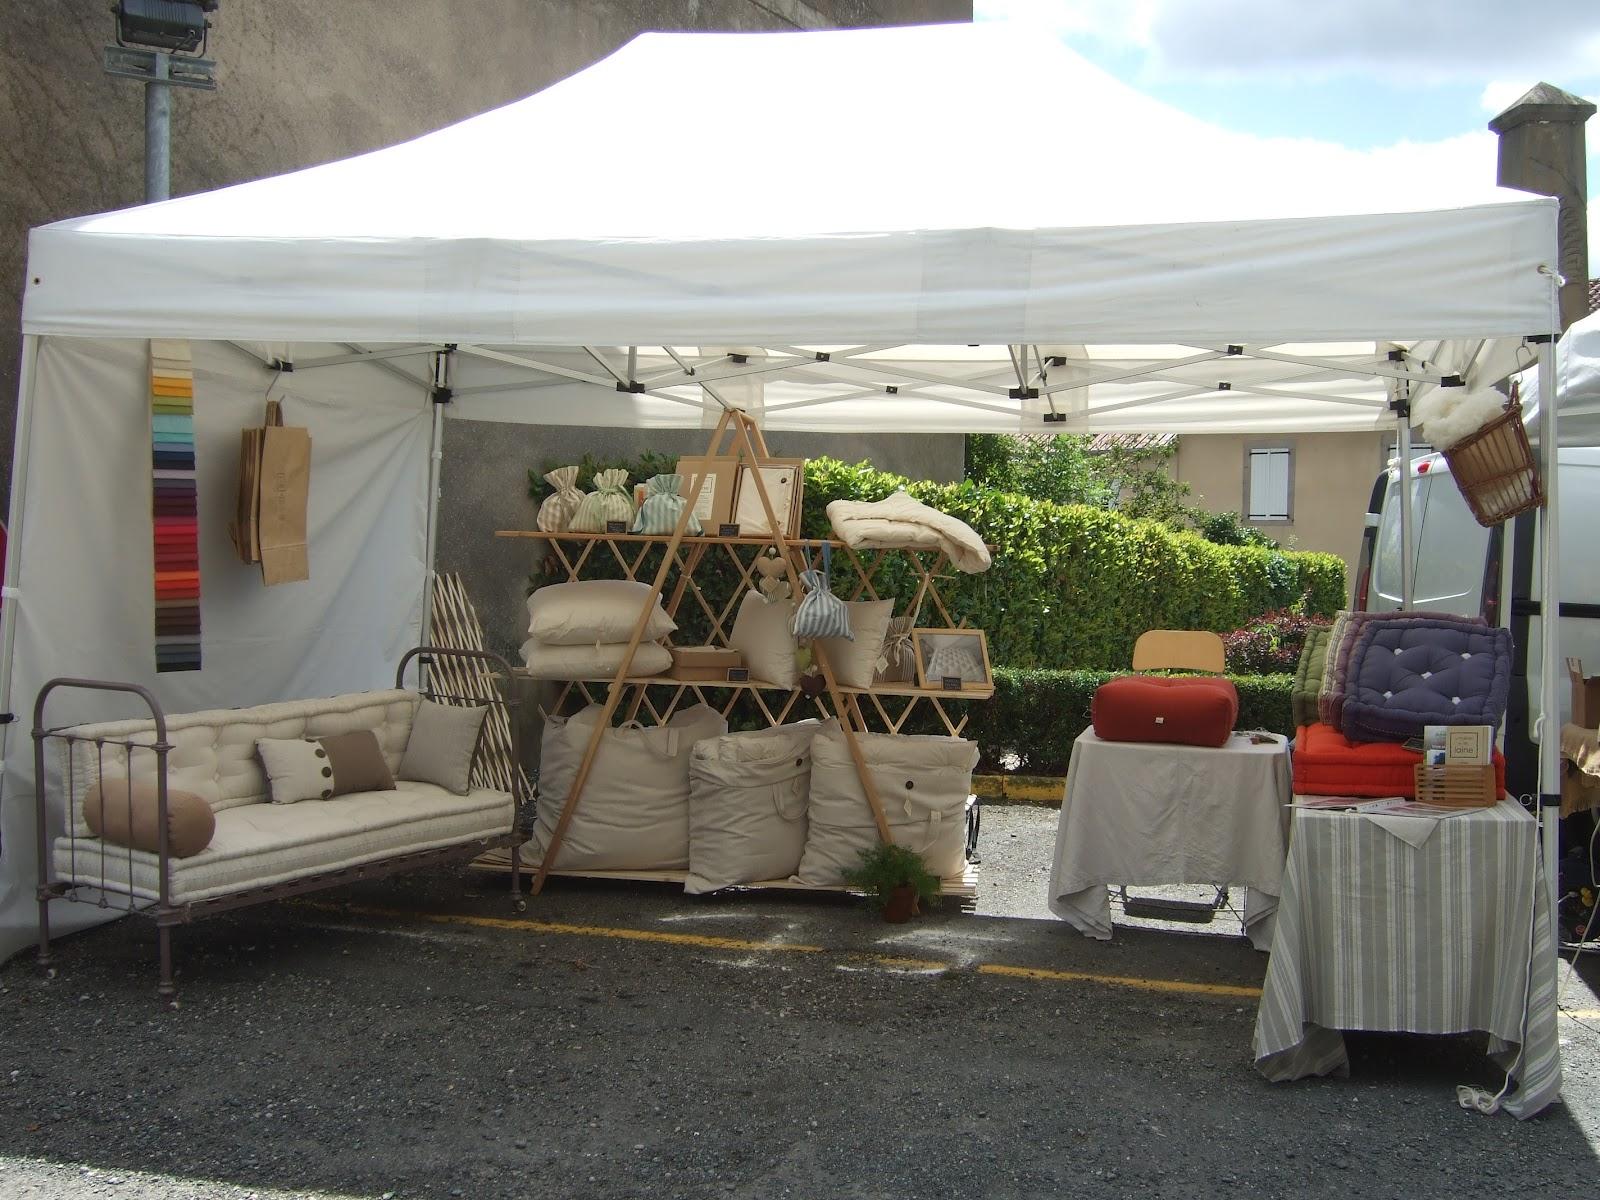 la maison de la laine 8 juillet 2012 valence d 39 albigeois. Black Bedroom Furniture Sets. Home Design Ideas